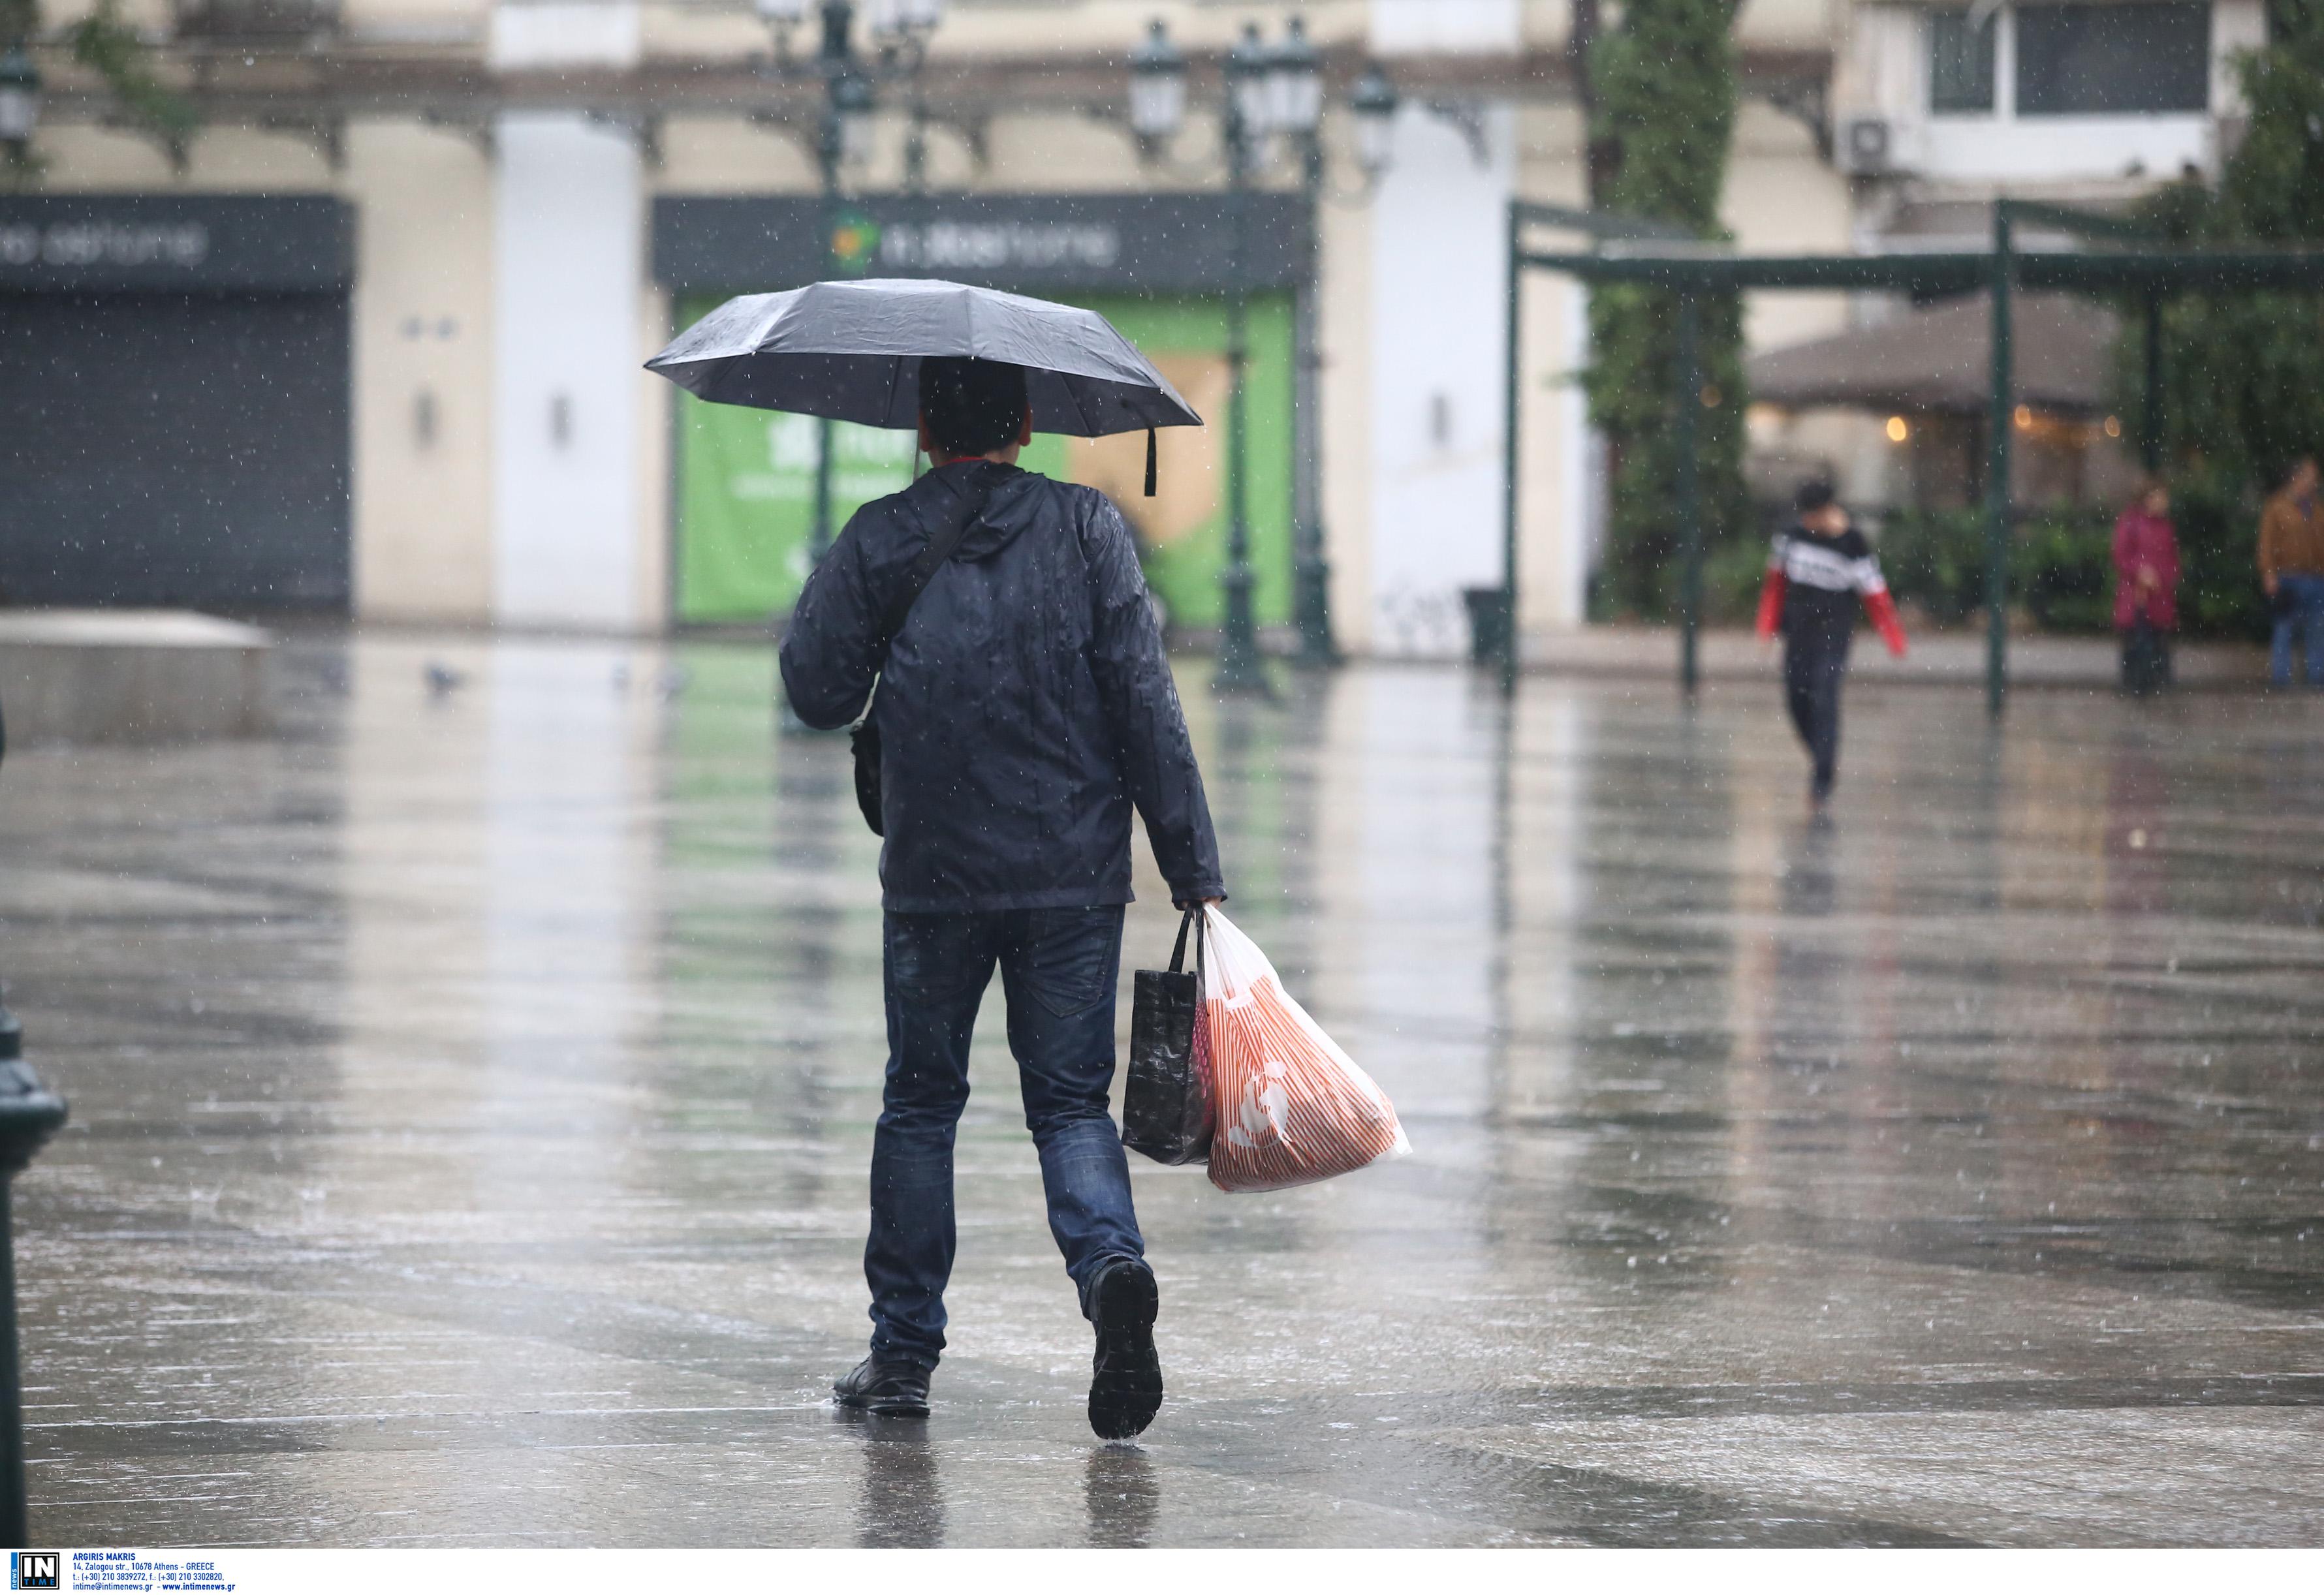 Χαλάει για τα καλά ο καιρός! Βροχές και ισχυρές καταιγίδες το Σάββατο - Θυελλώδεις άνεμοι στα πελάγη